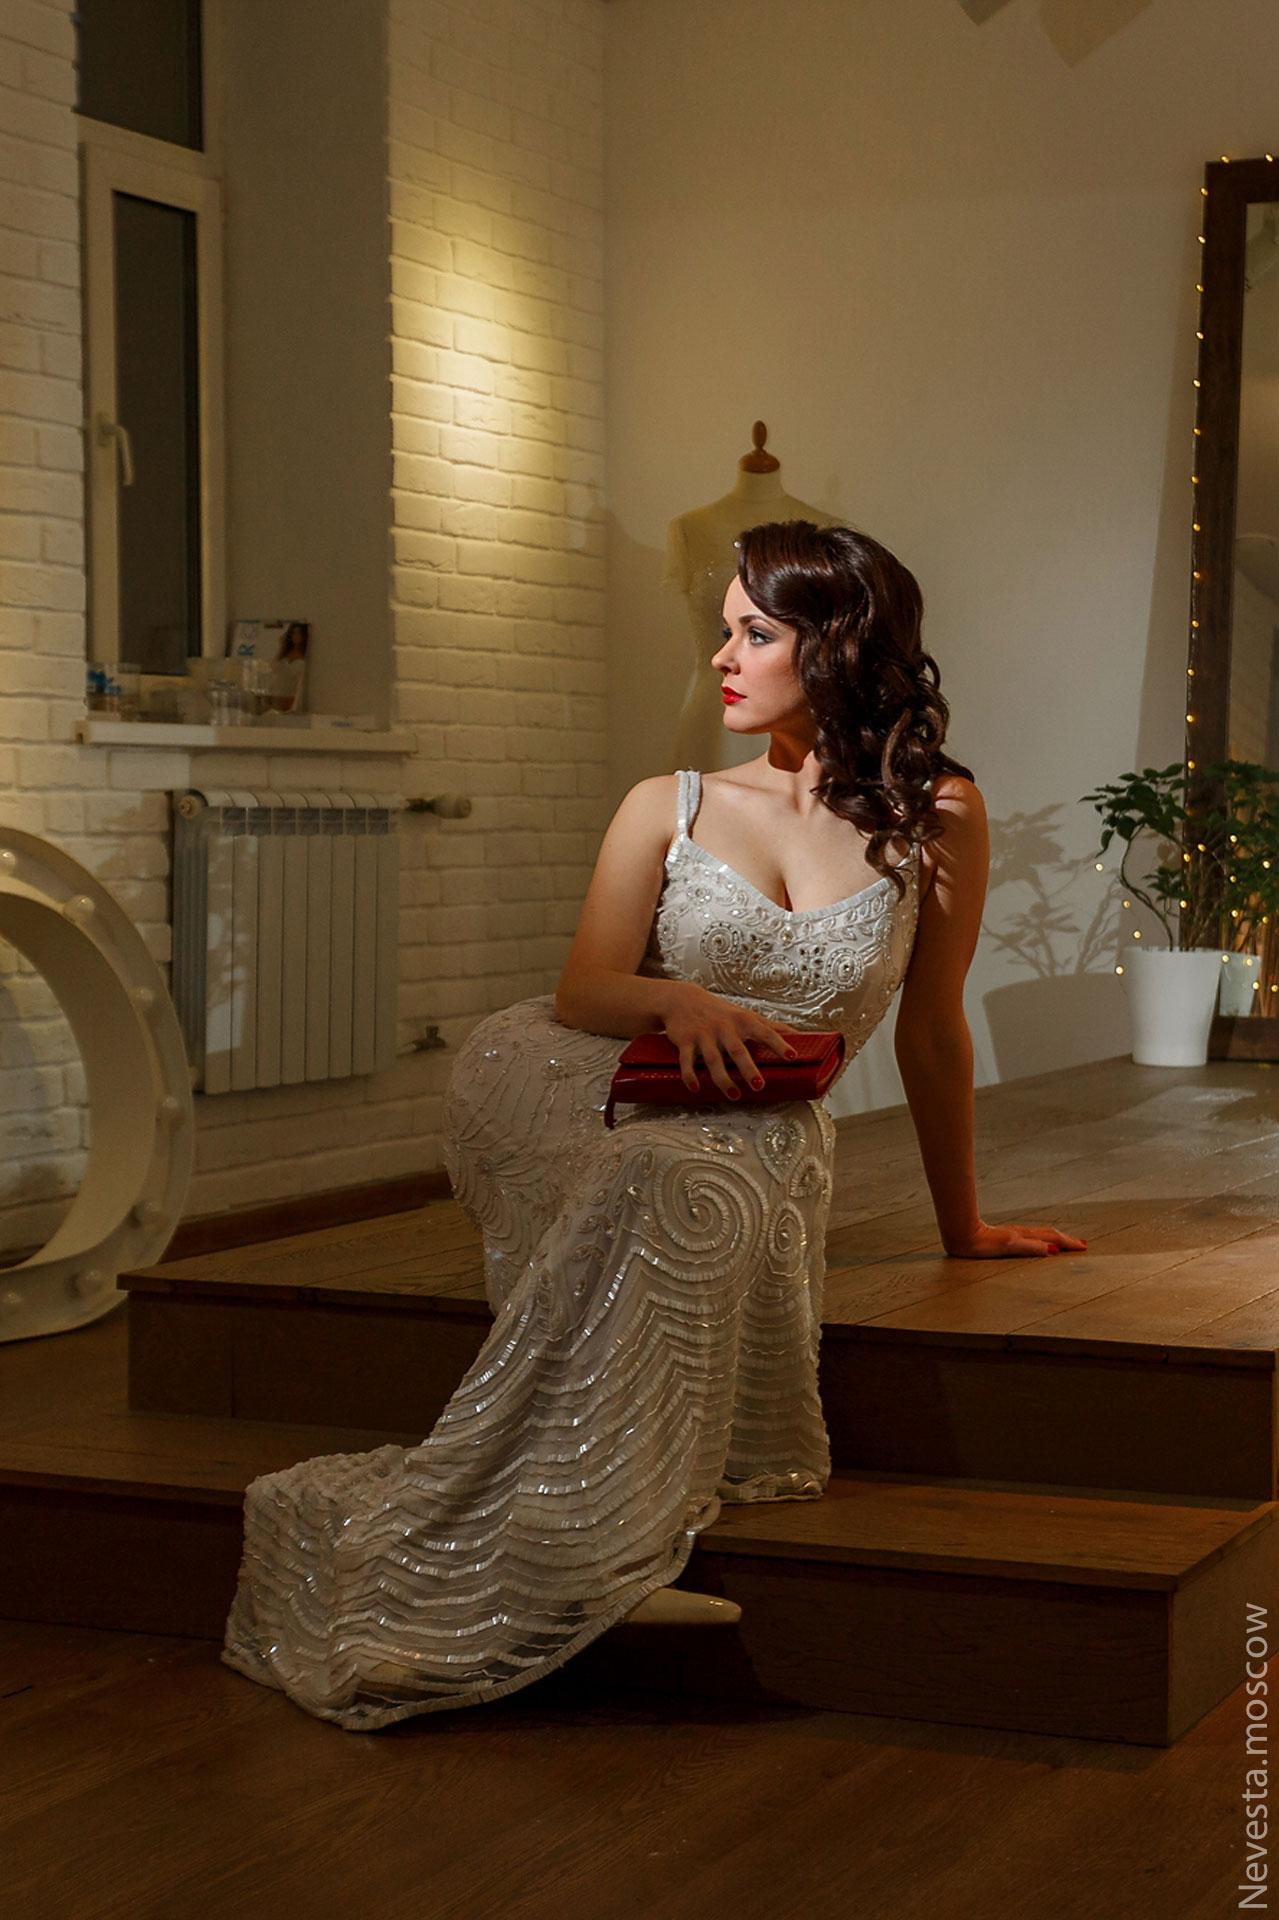 Образ «девушки Бонда» для актрисы Анны Здор, фото 18